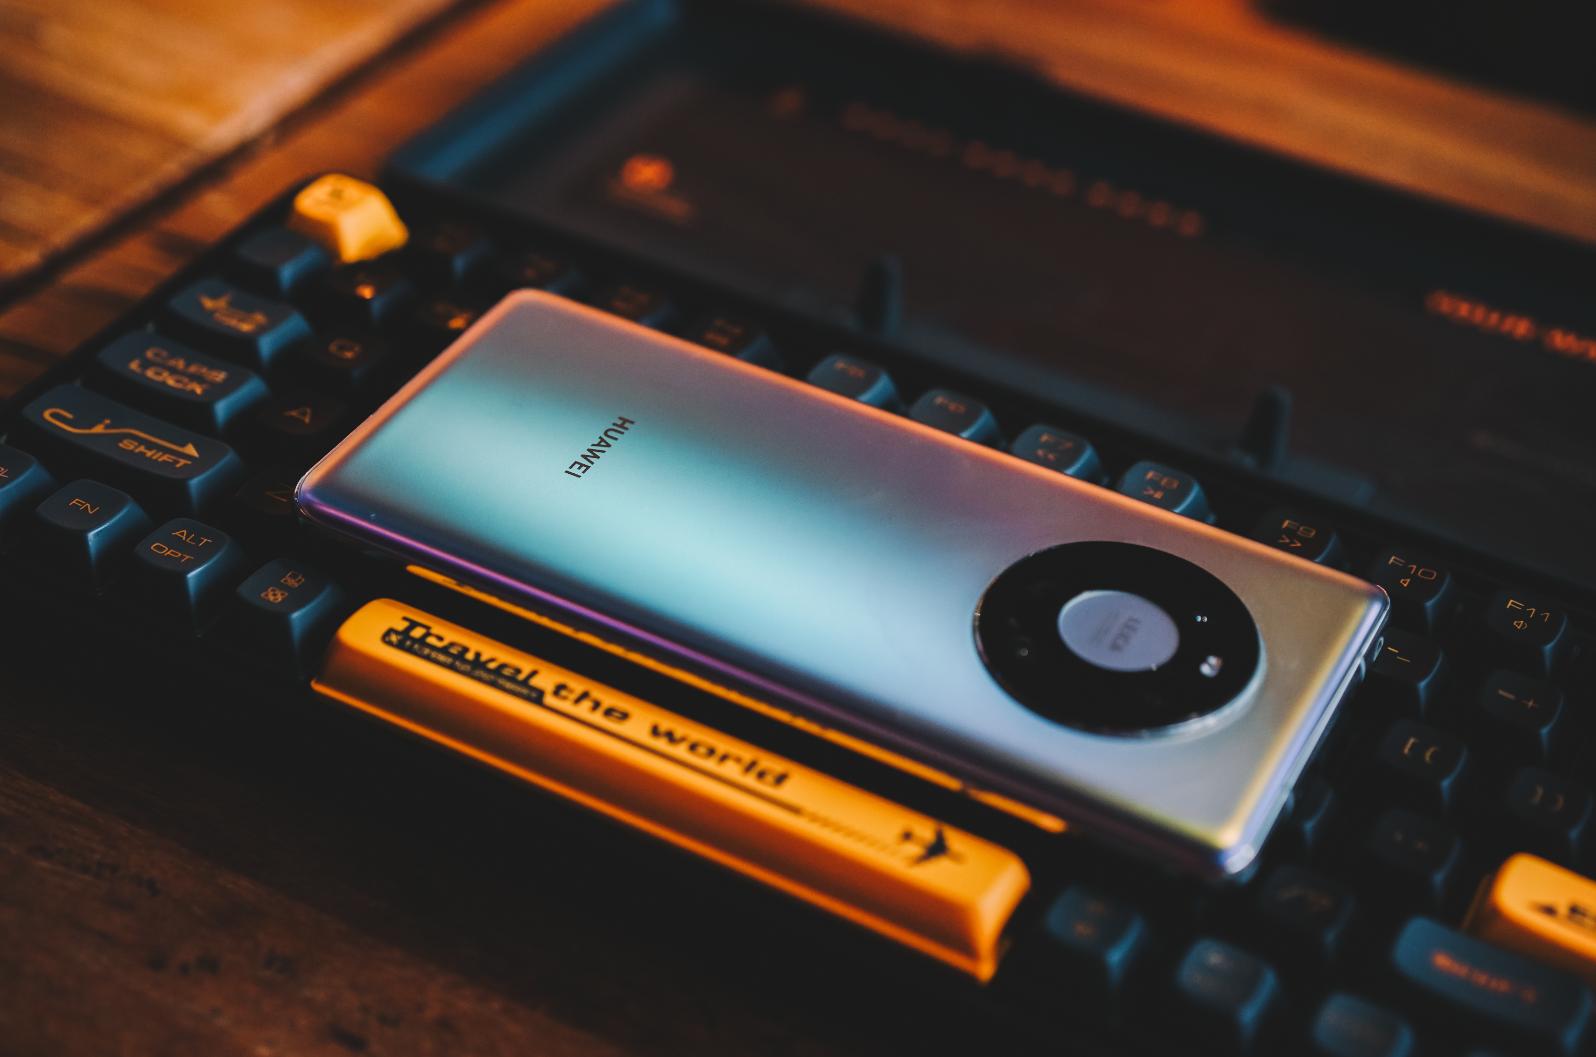 图片[26]-以浪为名,Lofree洛斐小浪蓝牙机械键盘适合外出携带的小机械键盘-G-Suite